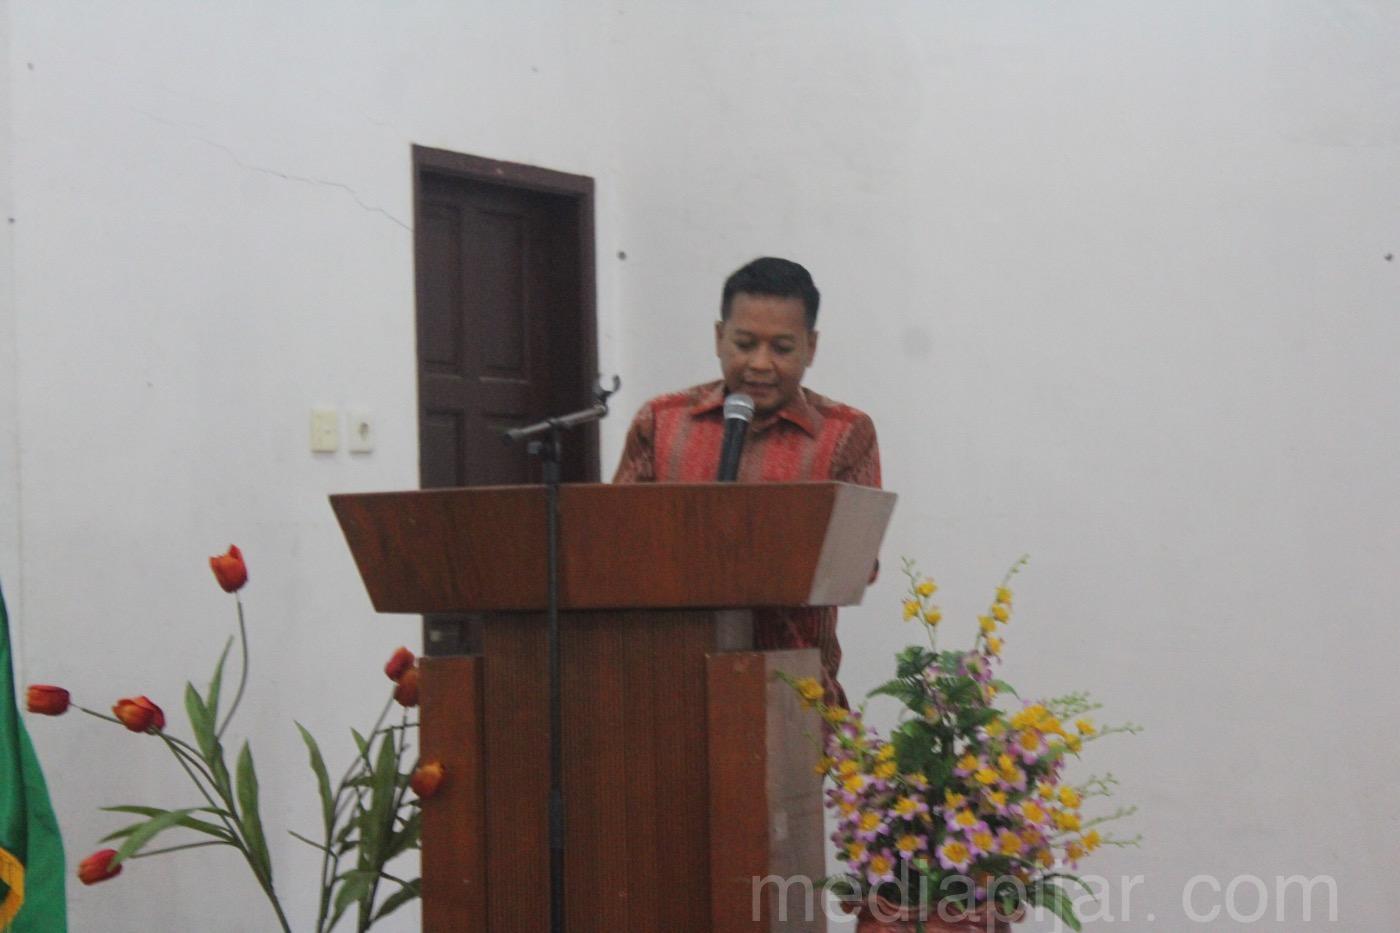 Dr. Muryanto Amin, S.Sos, M.S selaku Dekan FISIP USU pada saat memberikan kata sambutan di Gedung Peradilan Semu Fakultas Hukum USU (18/12). (Fotografer: Fatin Faiza Siregar)